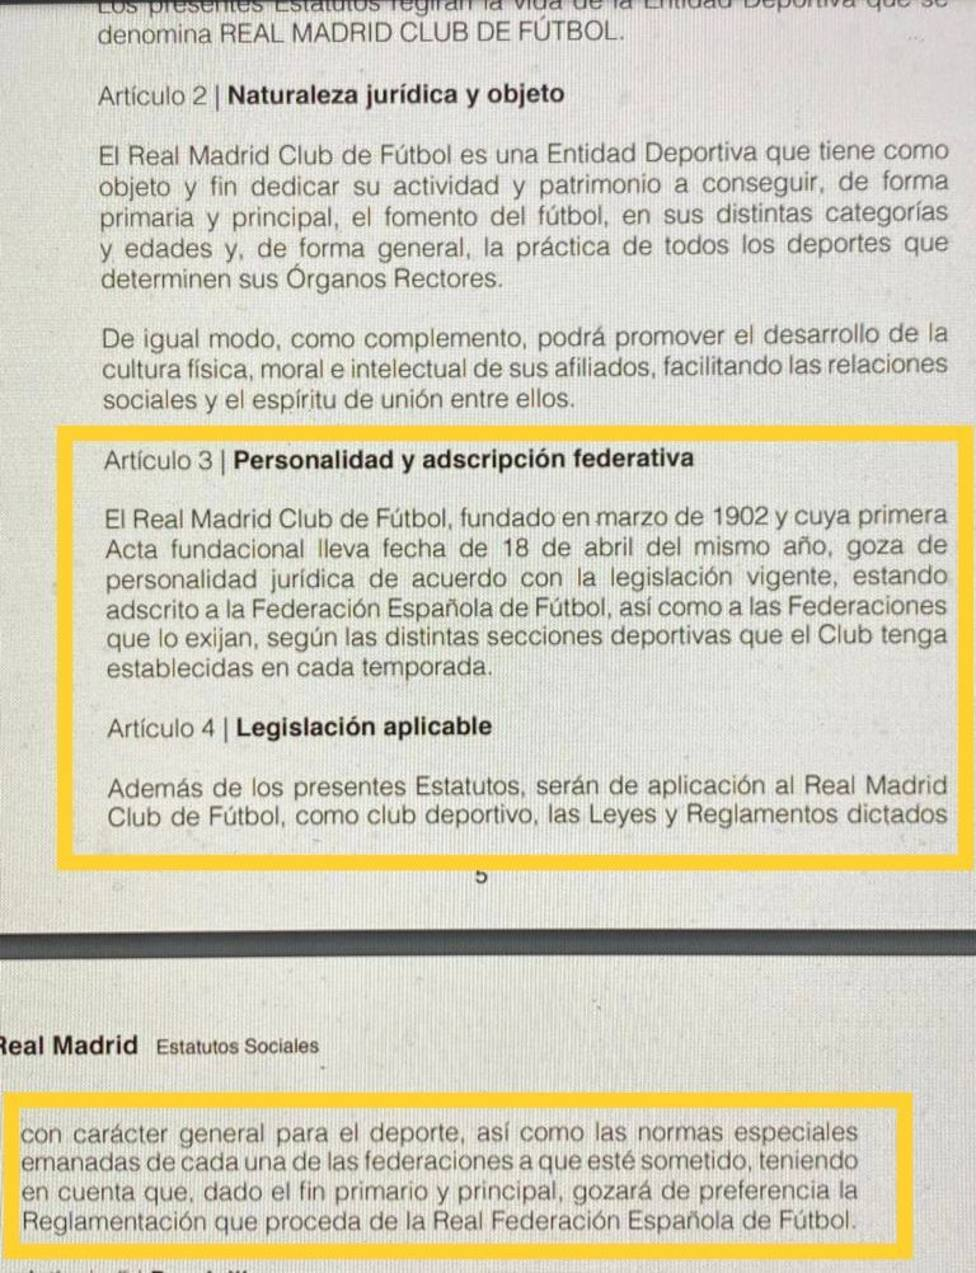 Estatutos del Real Madrid contra la participación del Real Madrid en una competición independiente